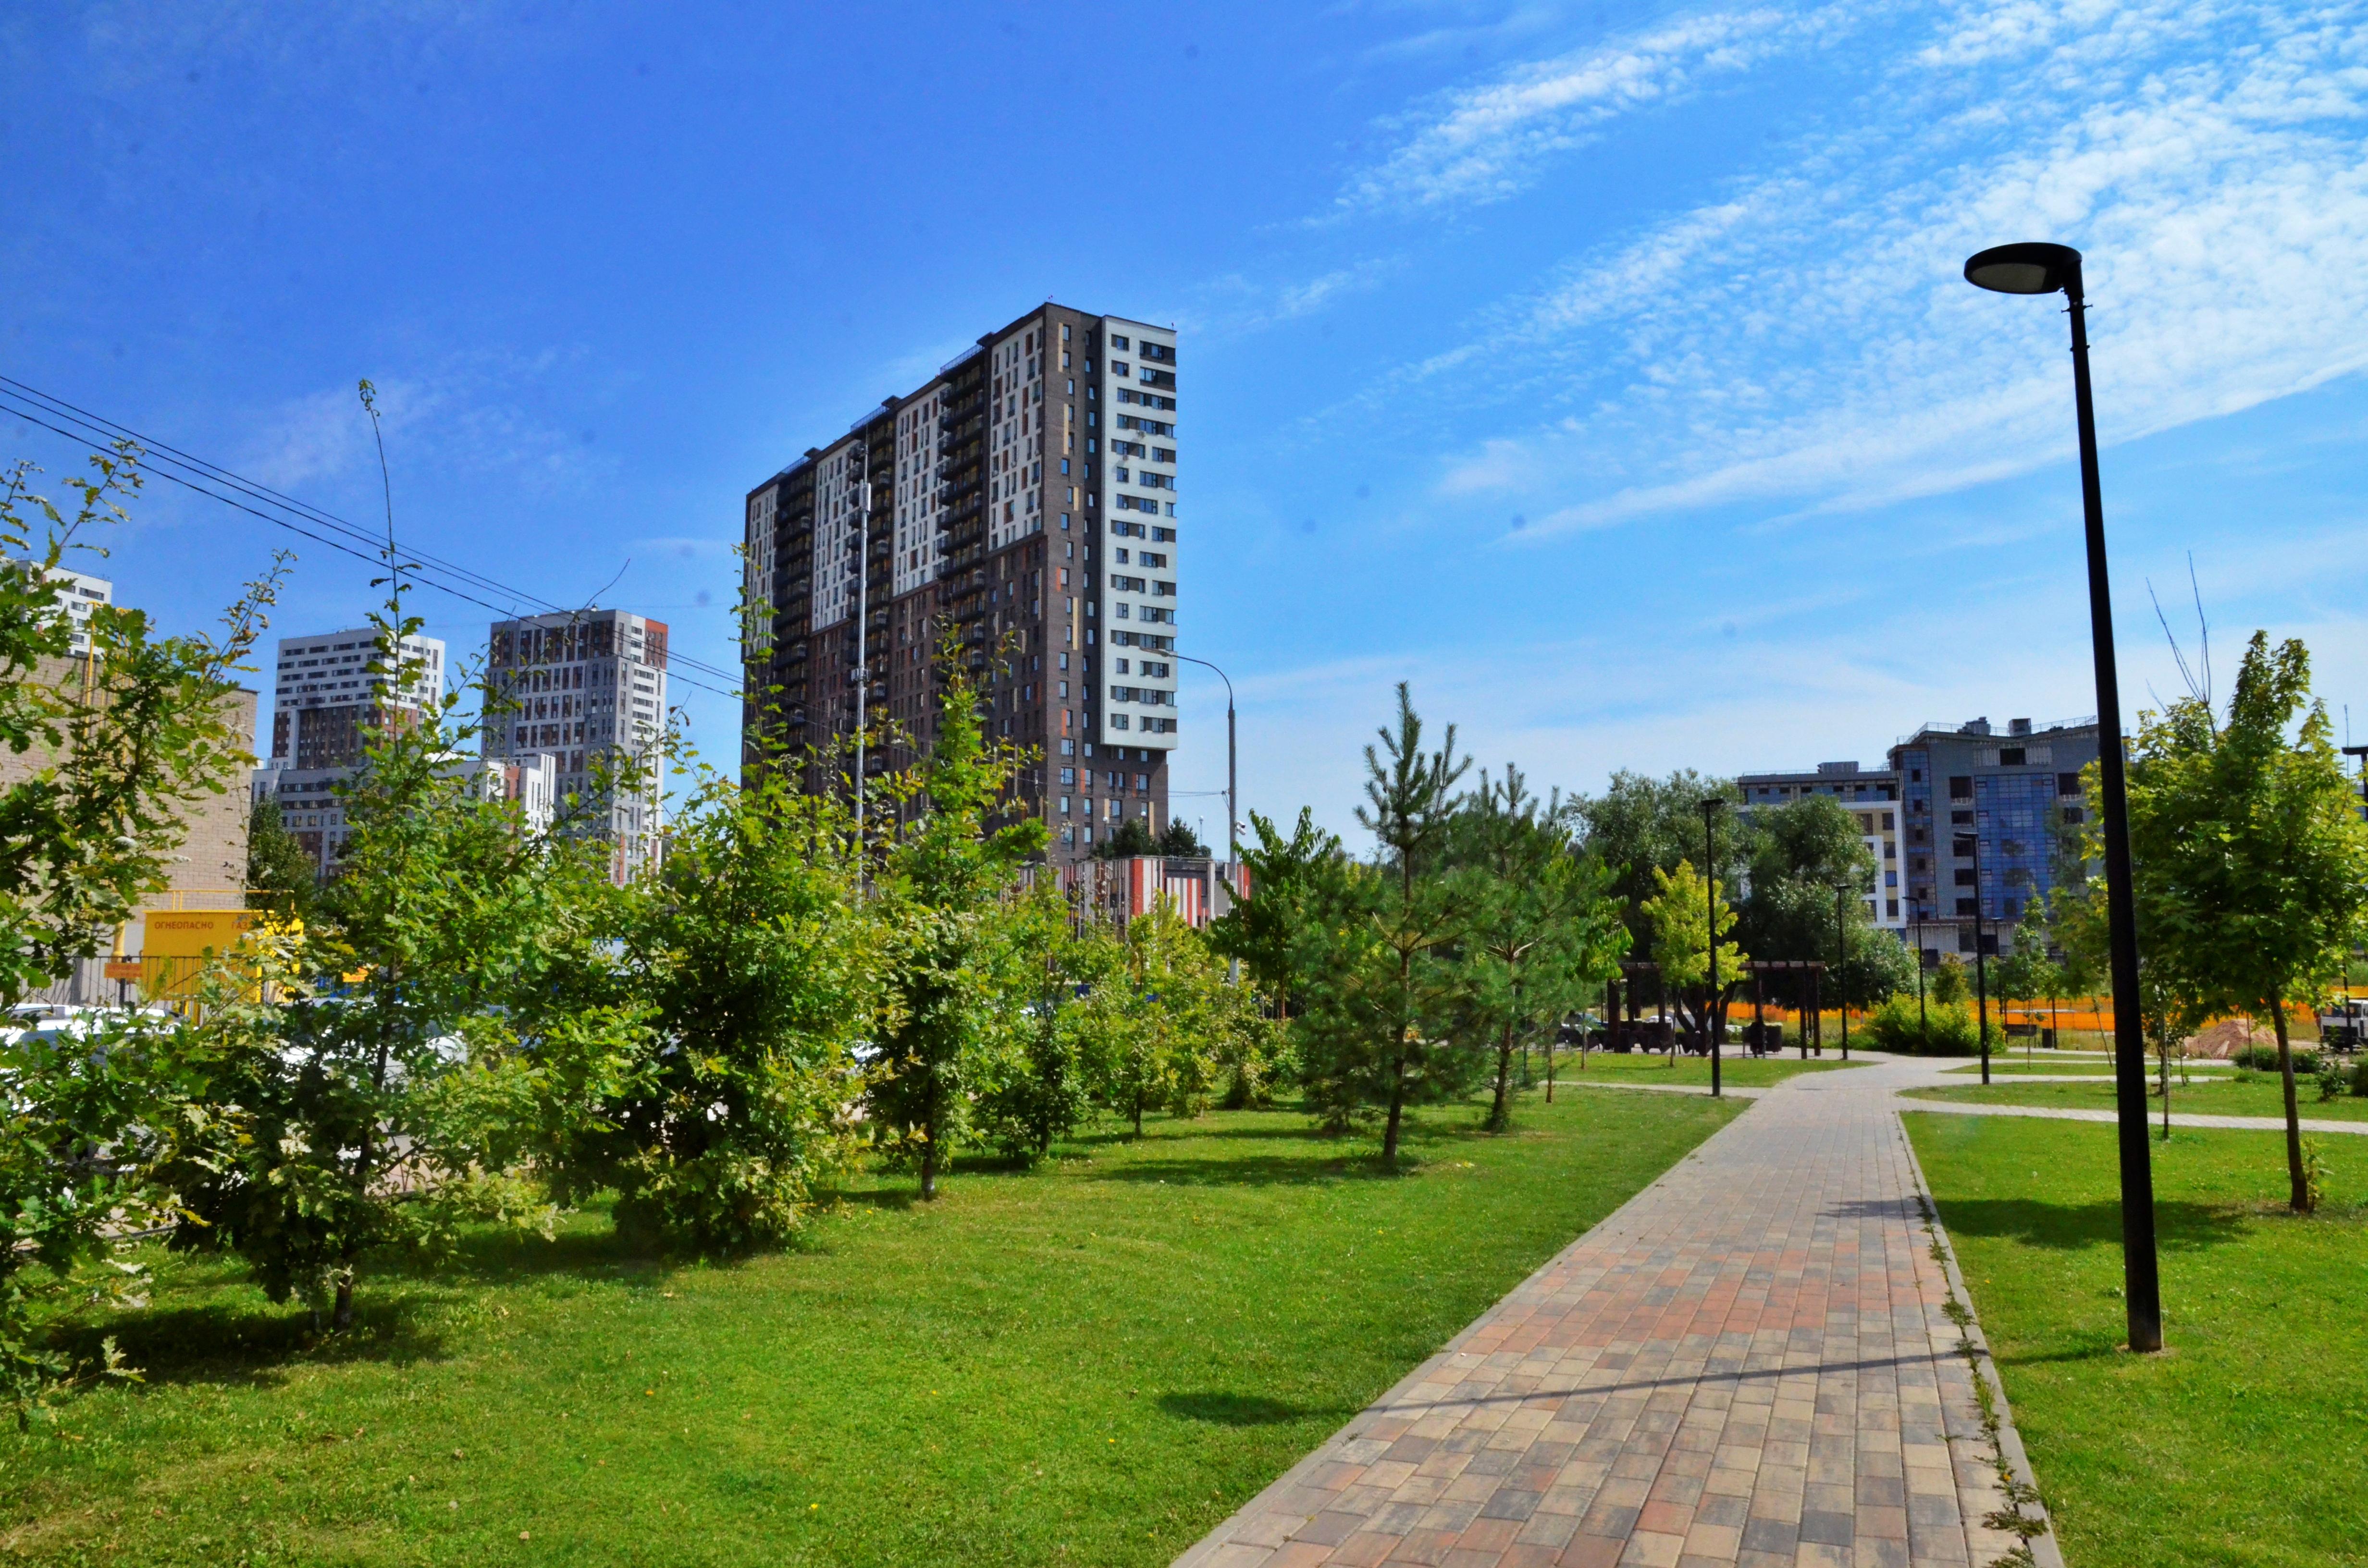 Видеоролики о парках представили на платформе #Москвастобой